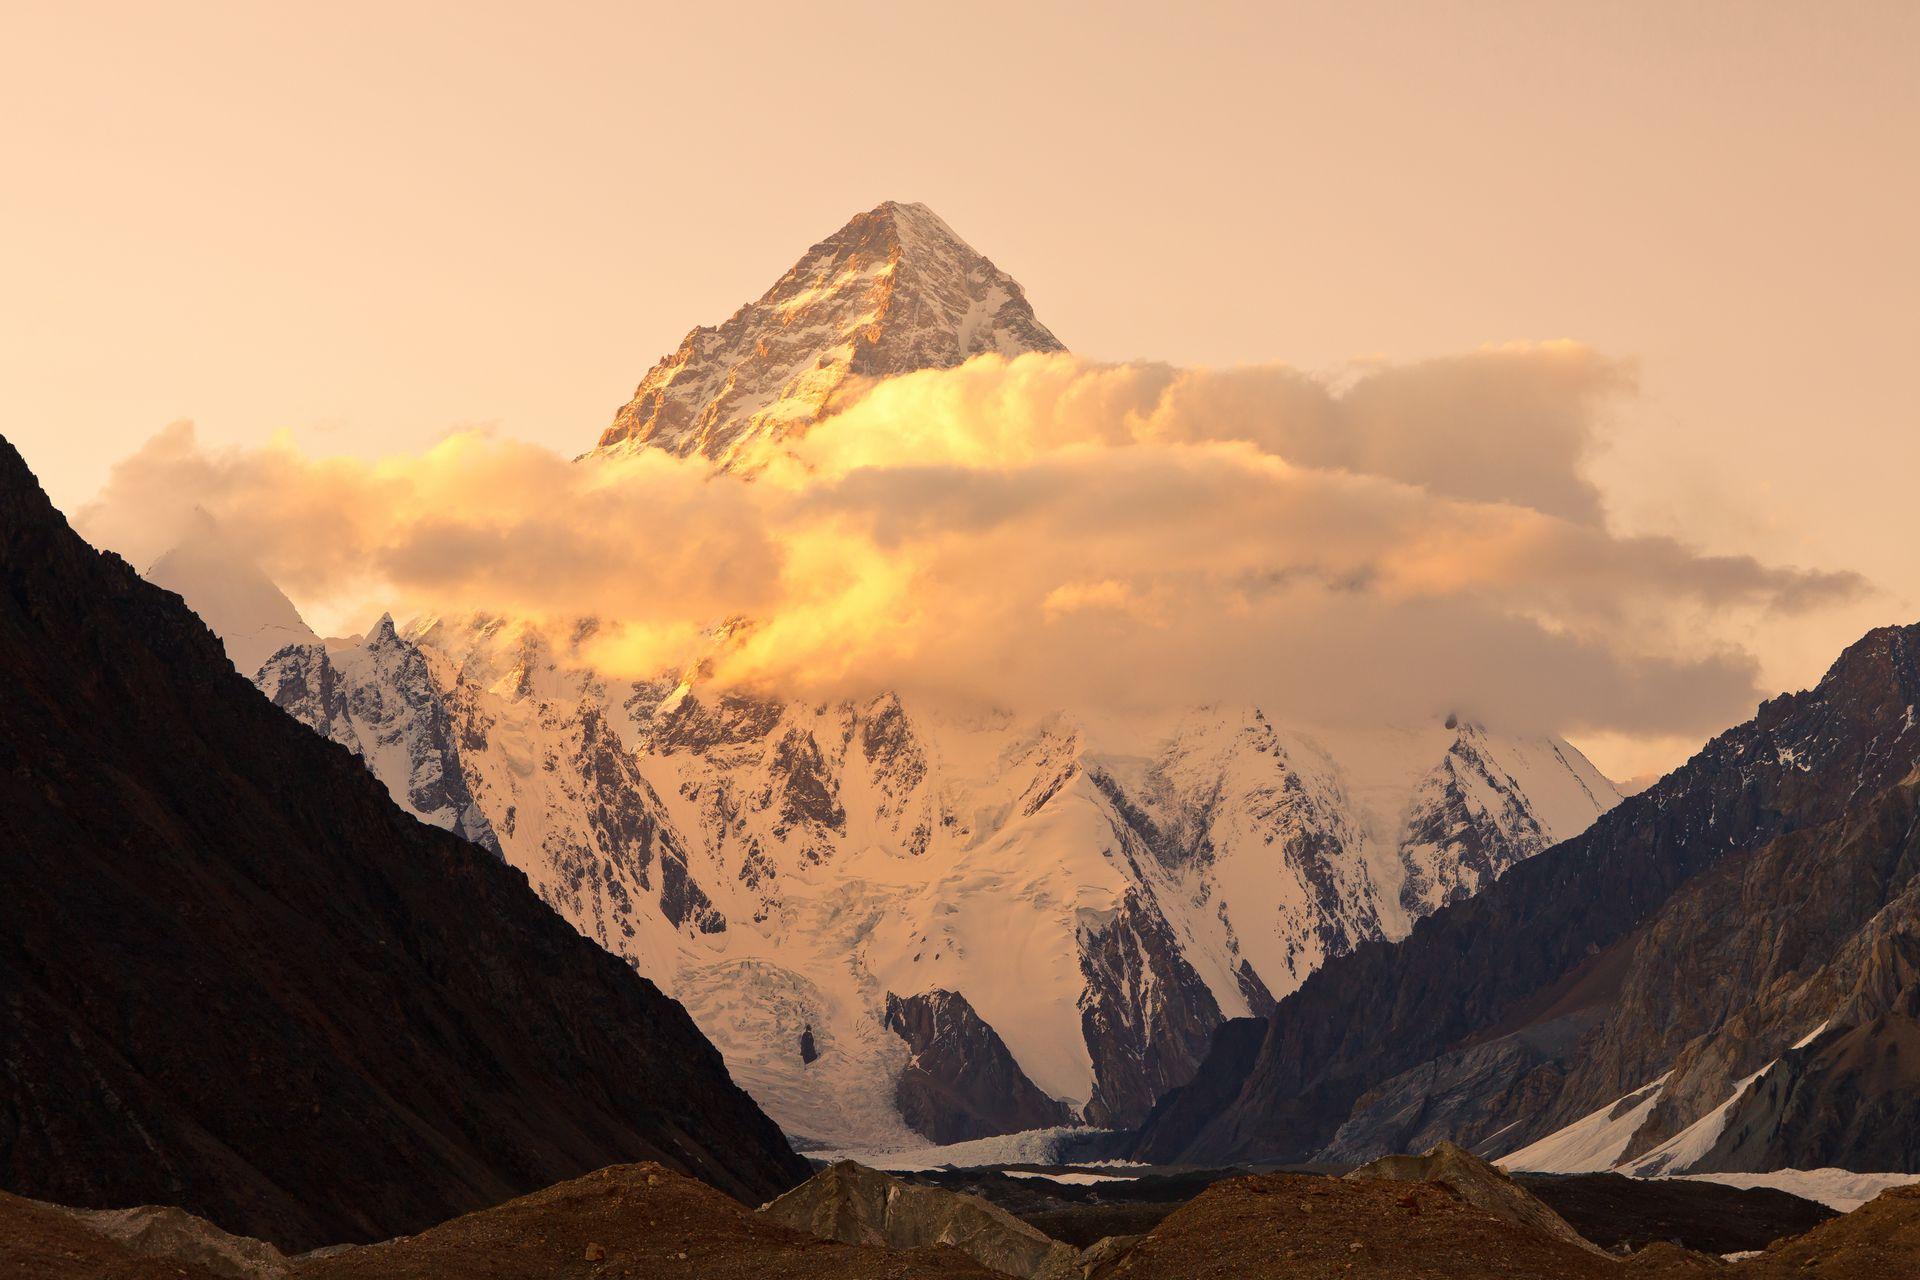 Пакистан: Каракорум и базовый лагерь K2